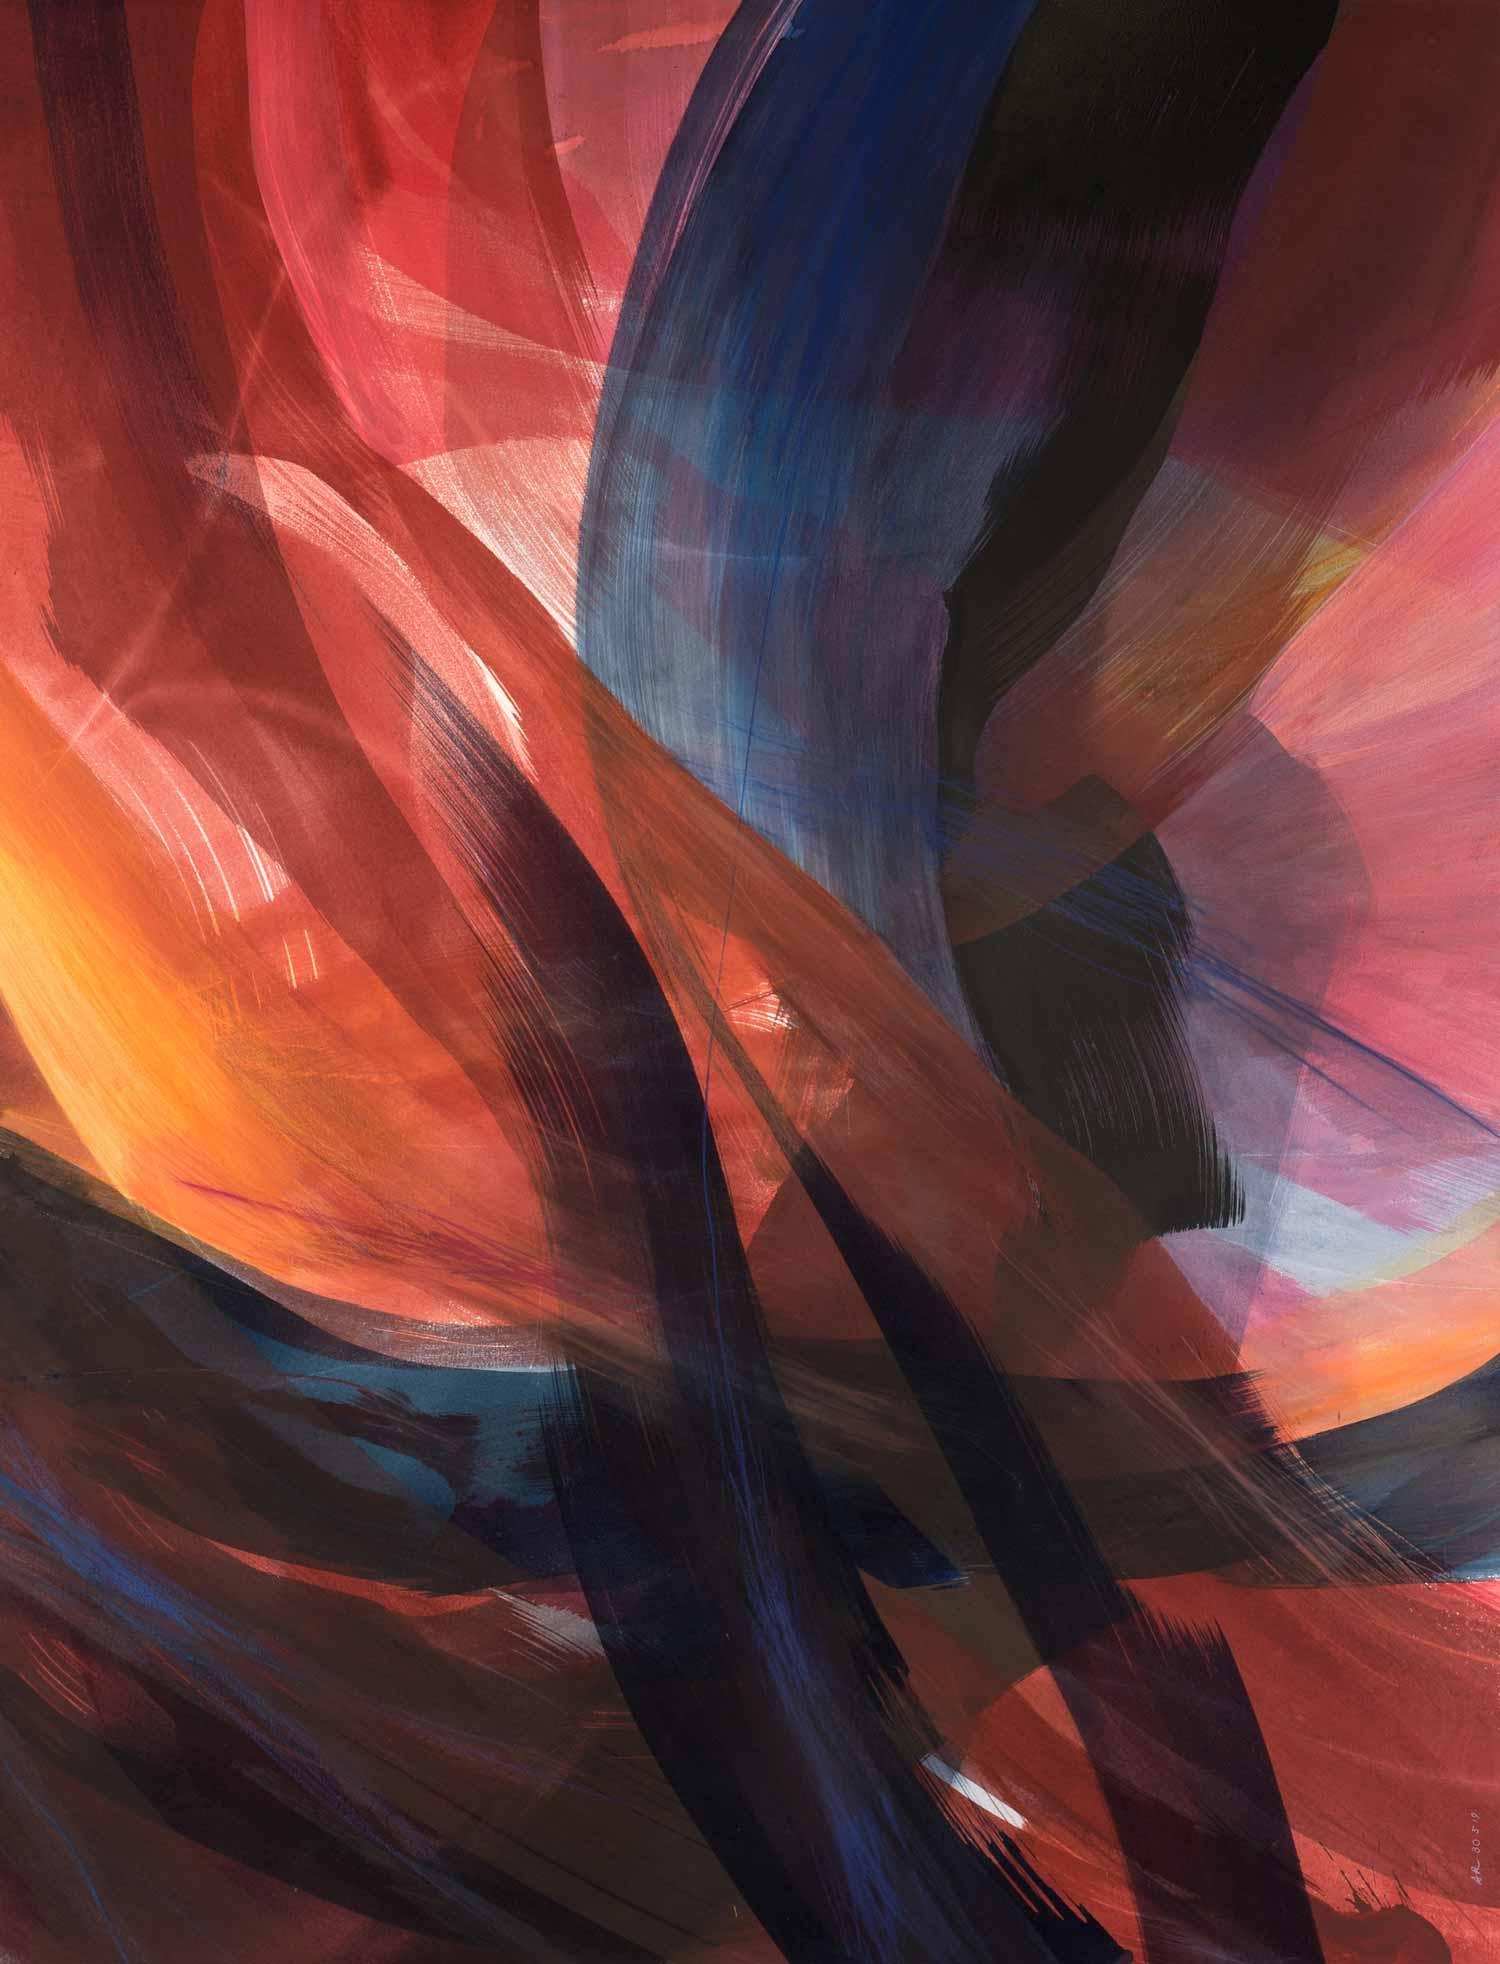 Aquarelle sur papier, 110 x 144 cm, mai 19 © Annik Reymond